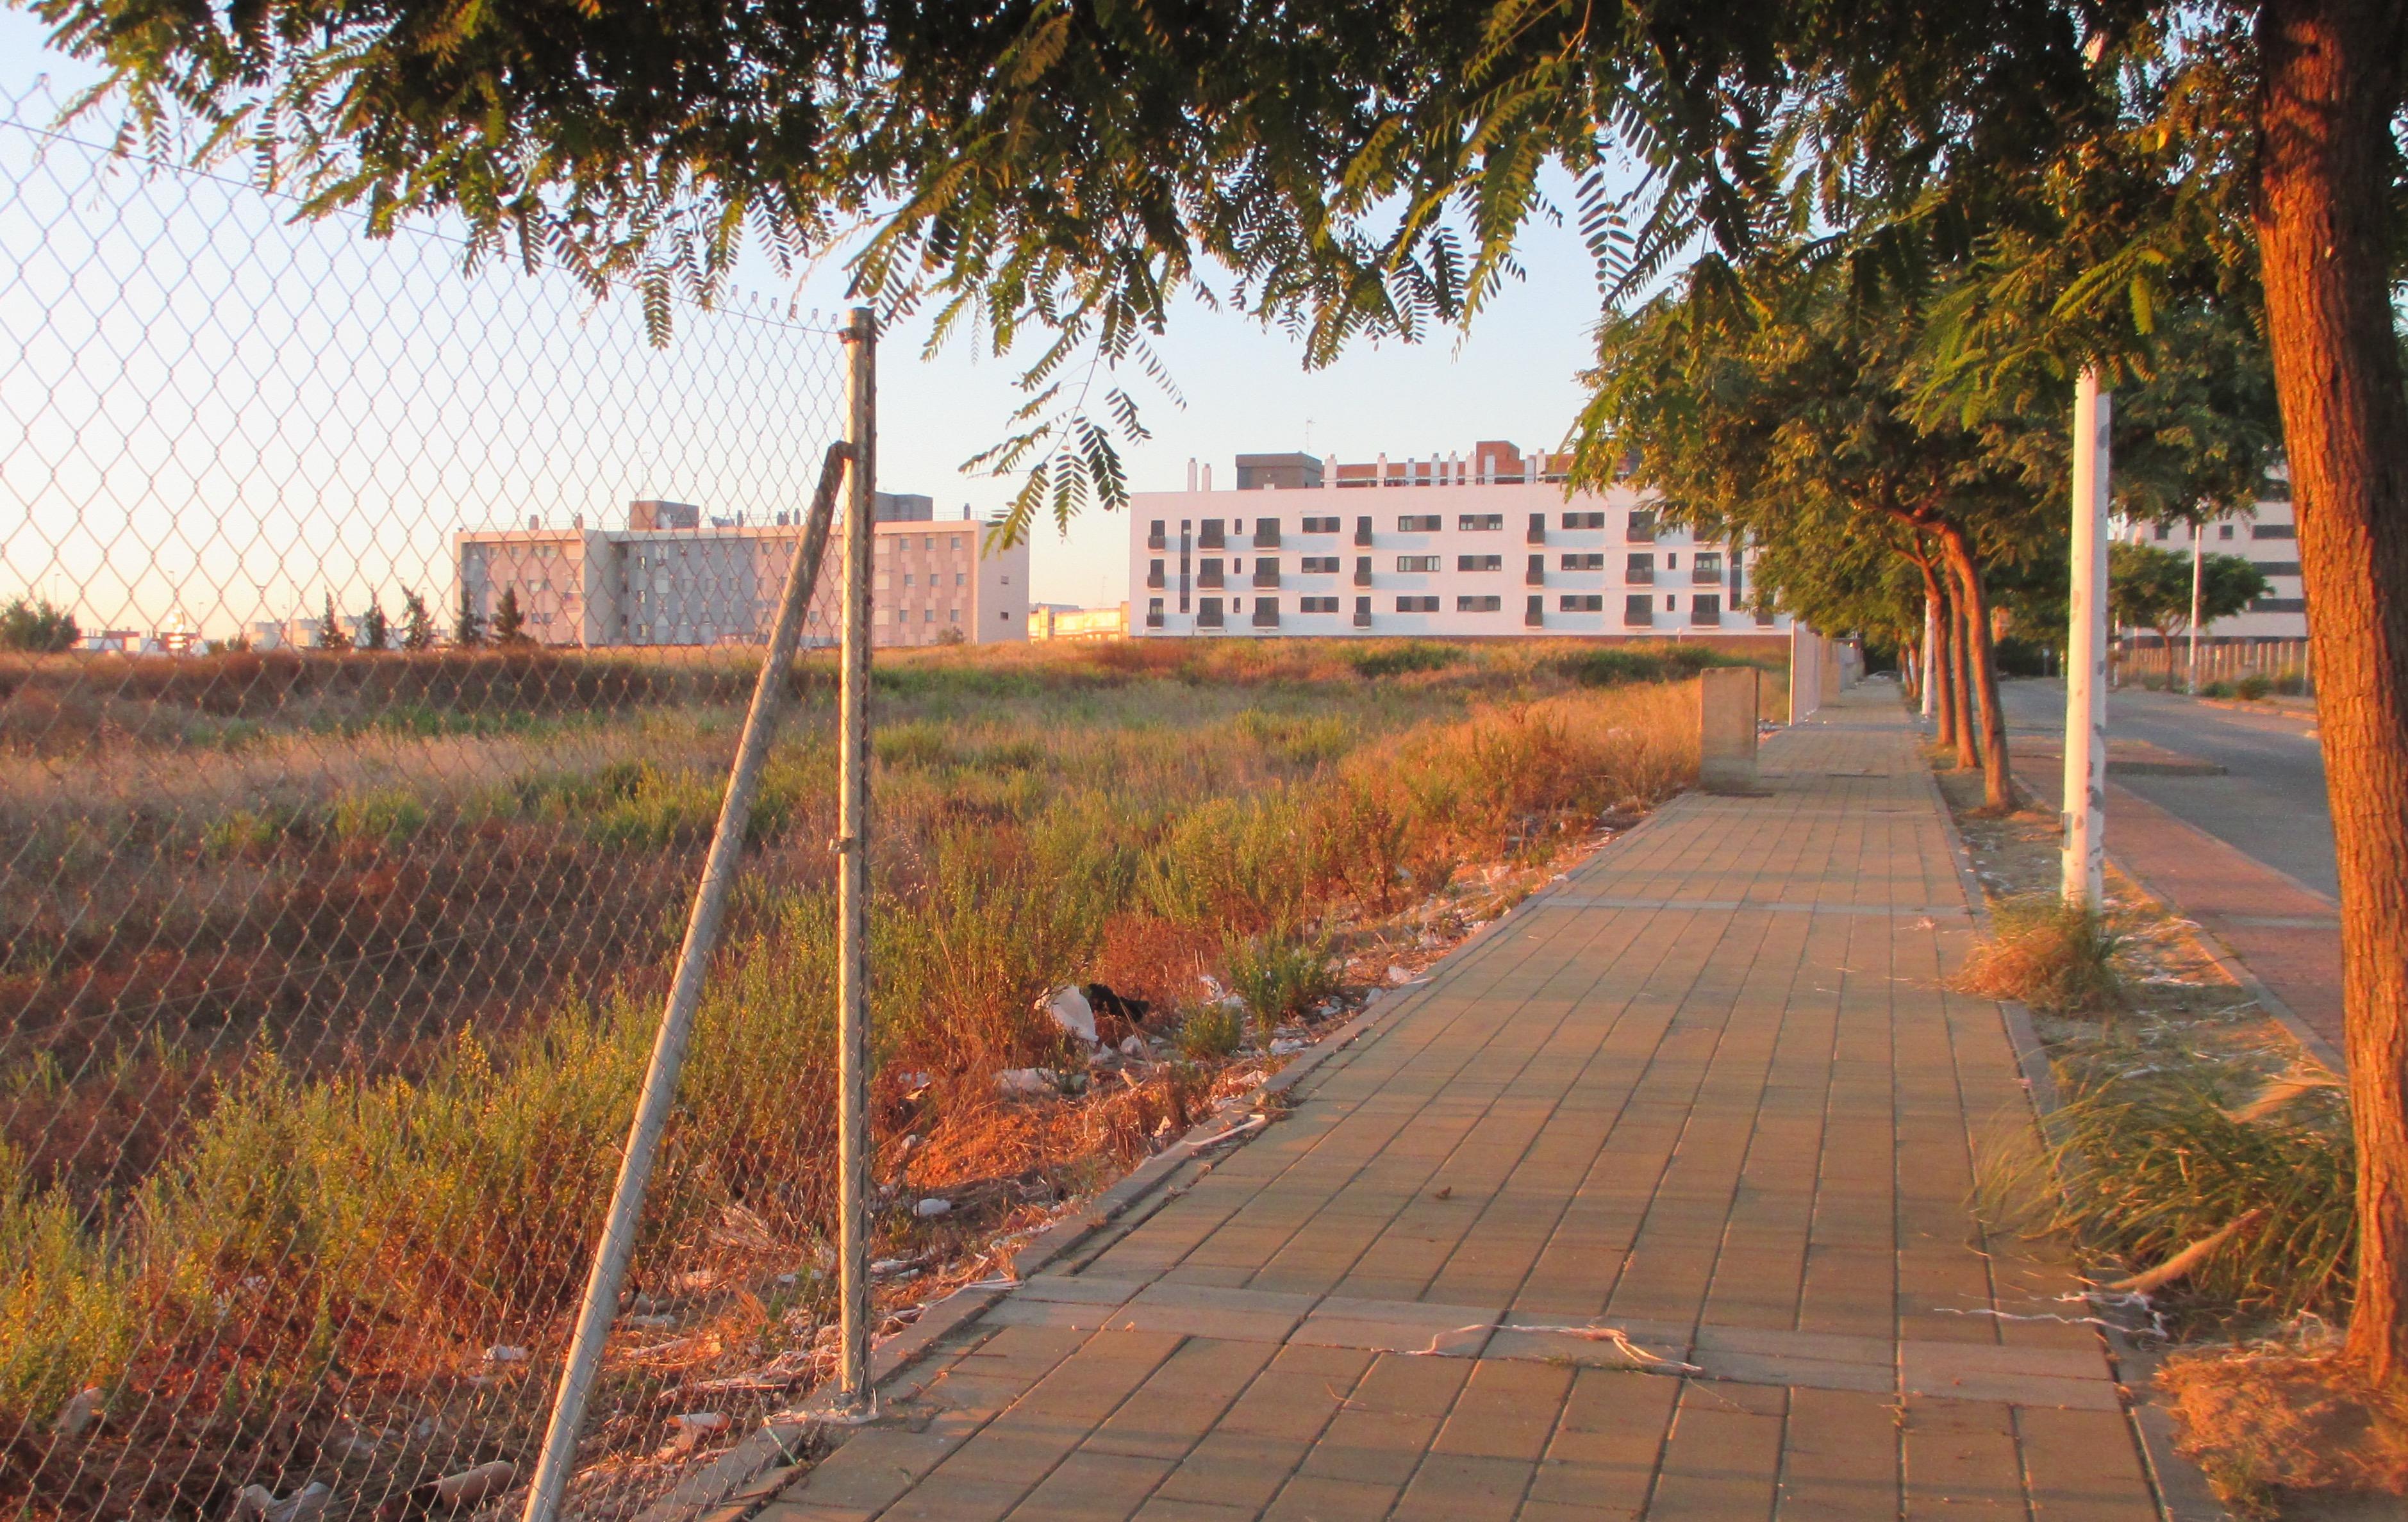 Parte del vallado perimetral de la zona arqueológica de Huelva